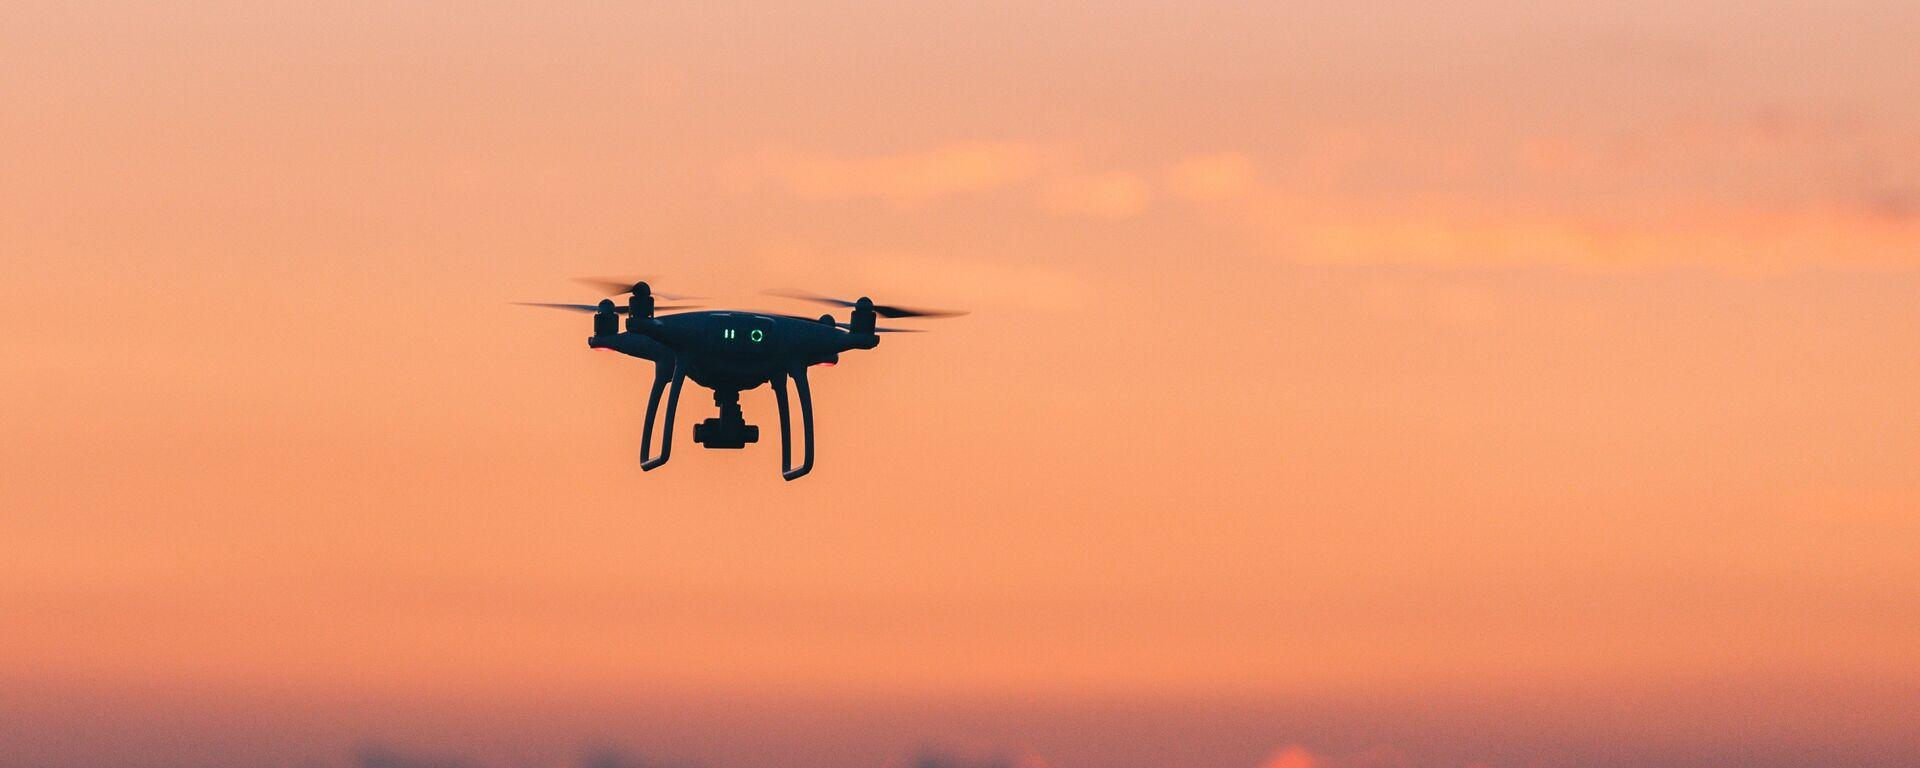 Un dron (imagen referencial) - Sputnik Mundo, 1920, 02.06.2021